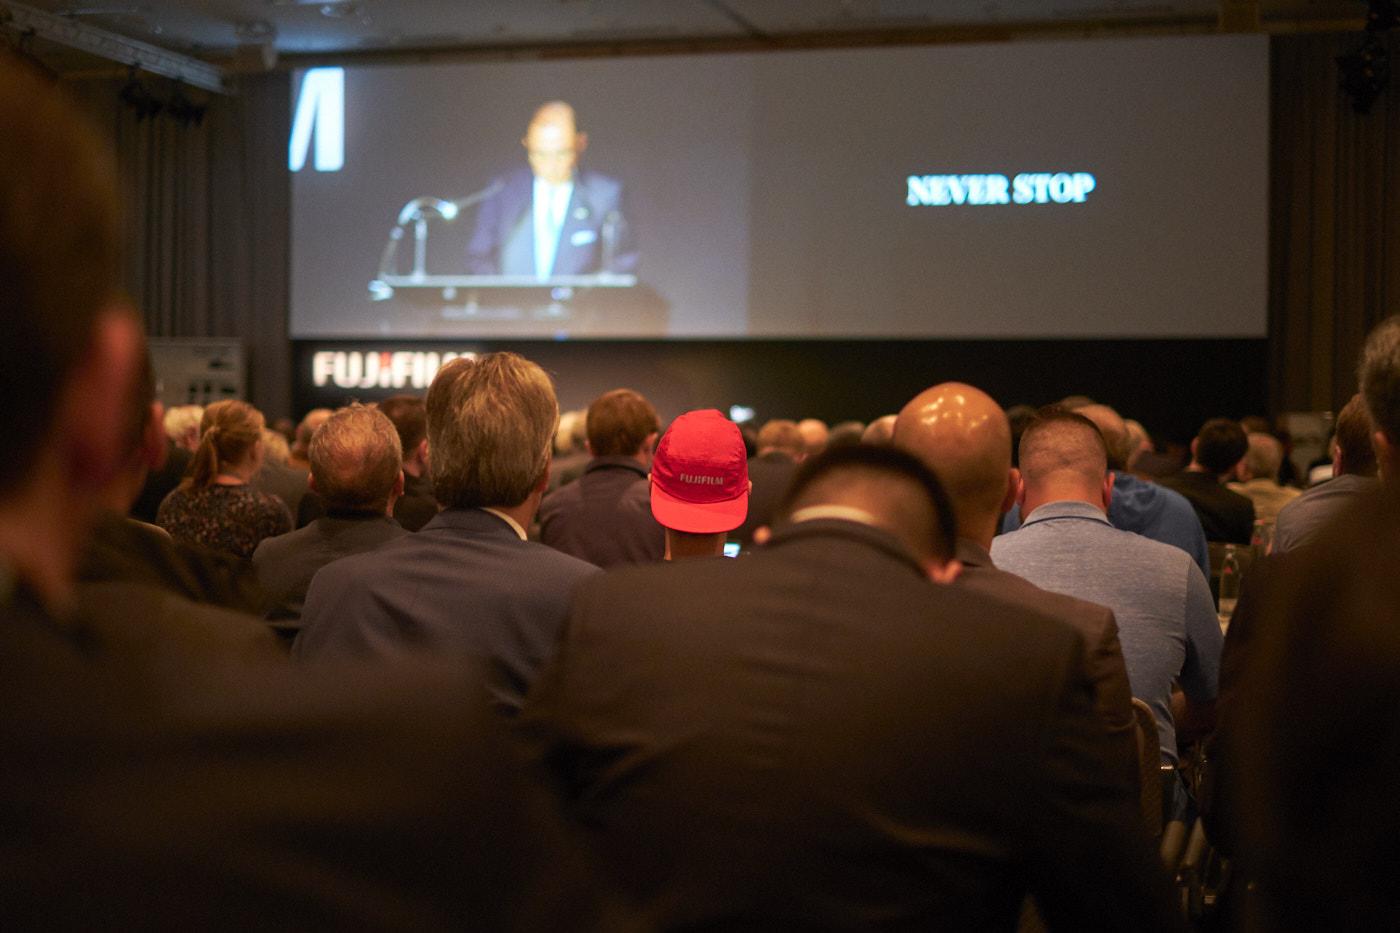 Fujifilm press conference